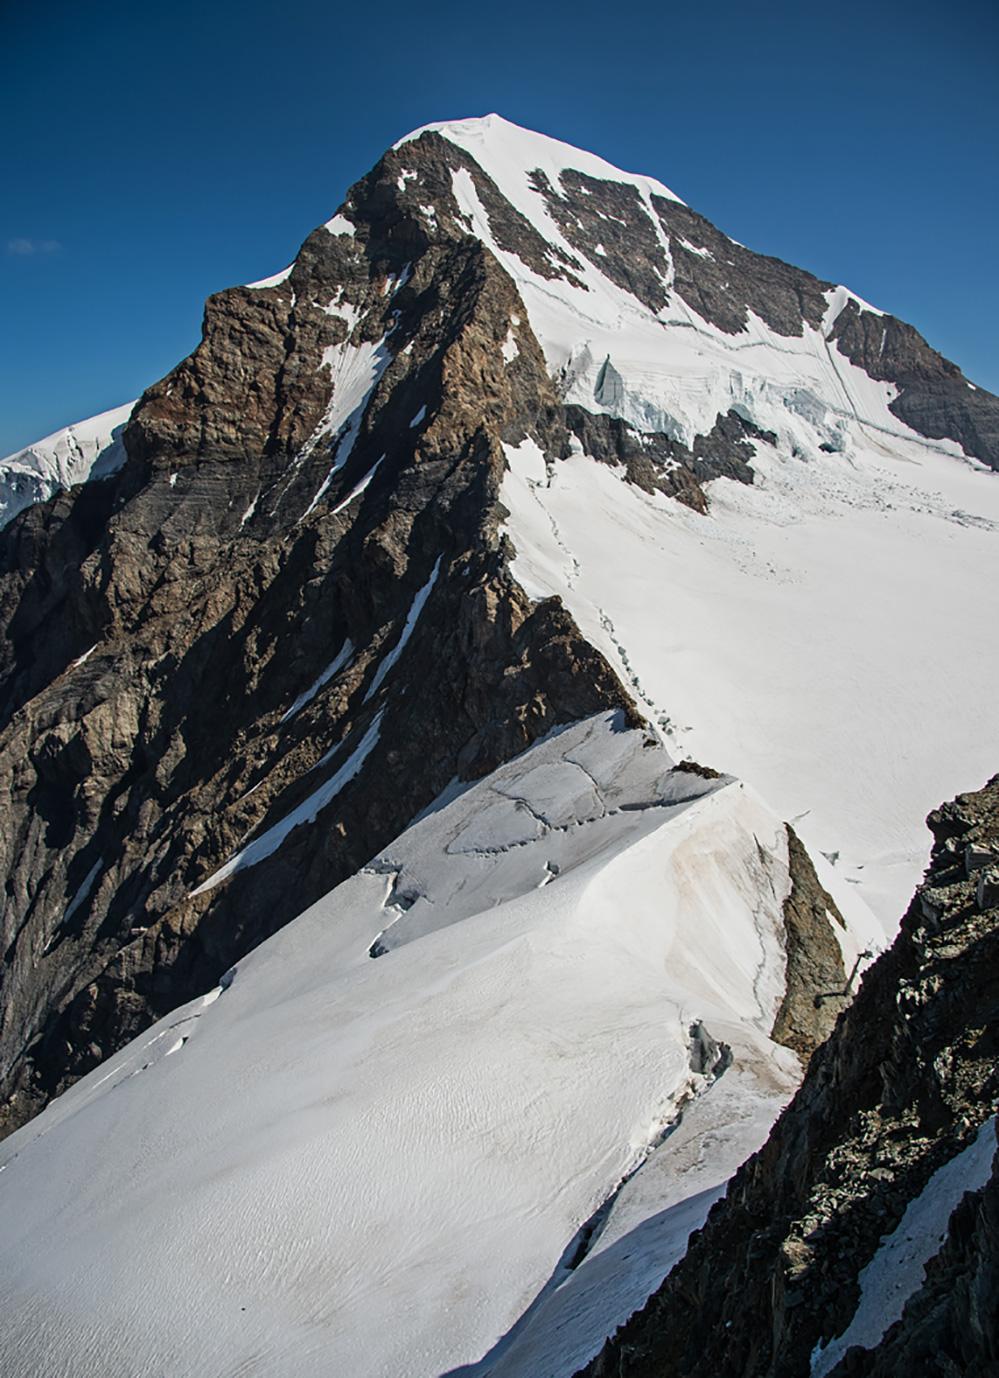 Monch from Jungfraujoch 1